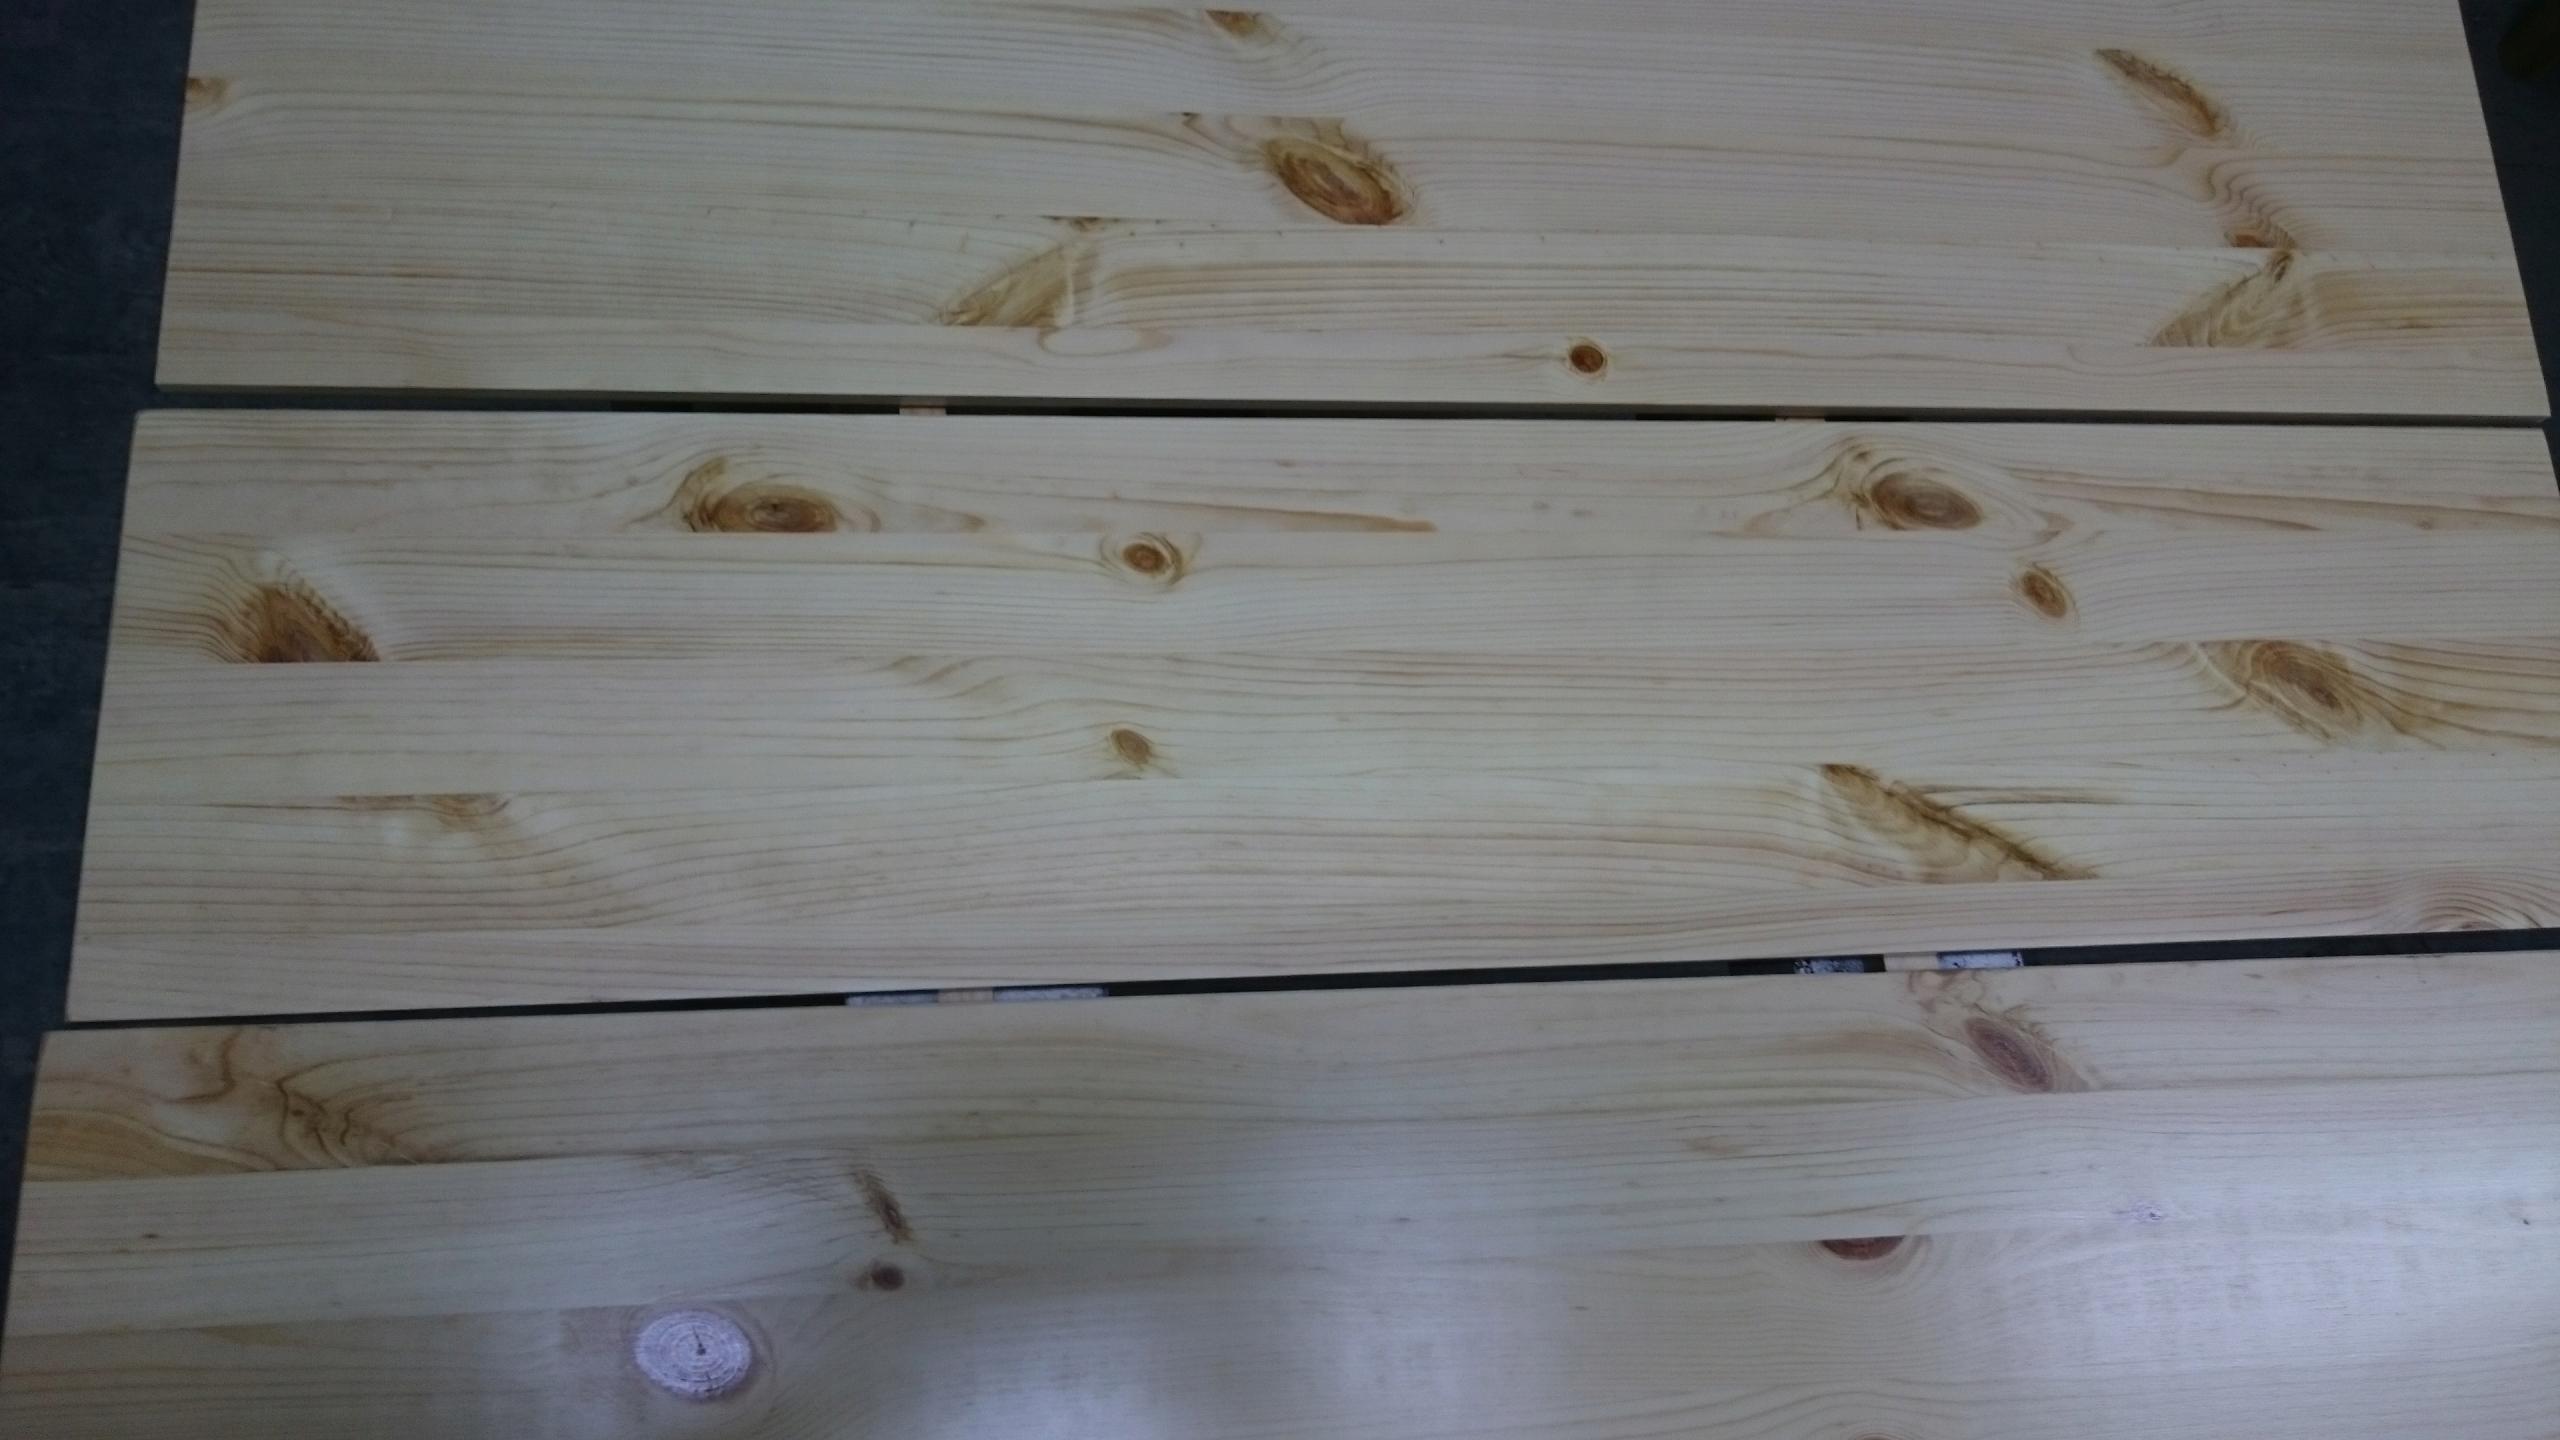 Koberec Schodisko behúňa sosn trepy tvár 4000x300x40mm